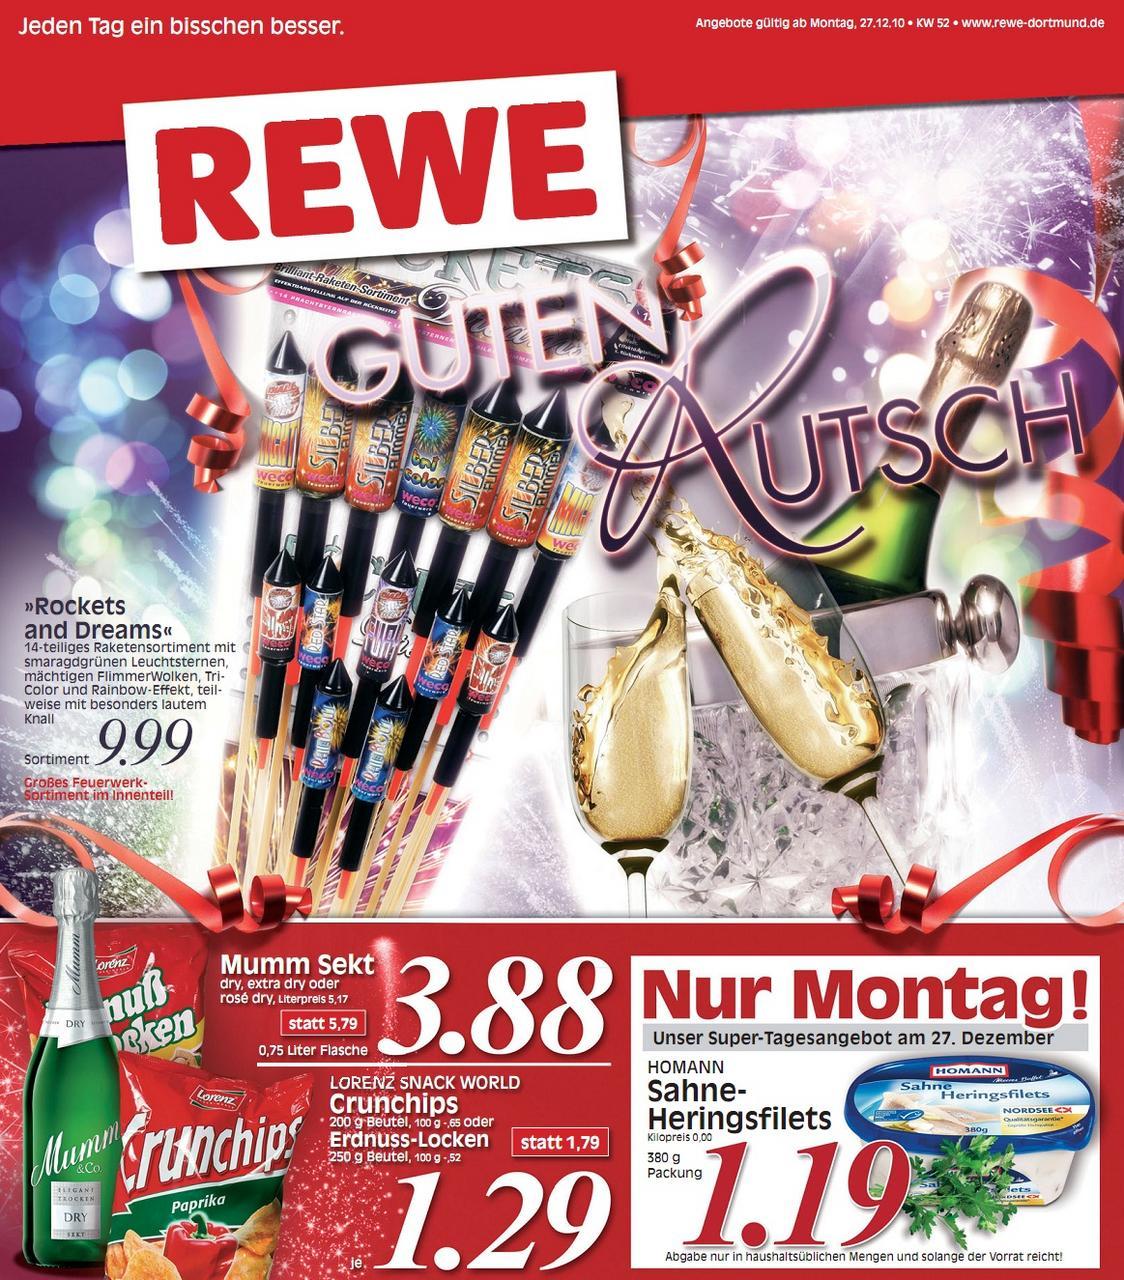 2010 Rewe Seite 3 Feuerwerk Forum